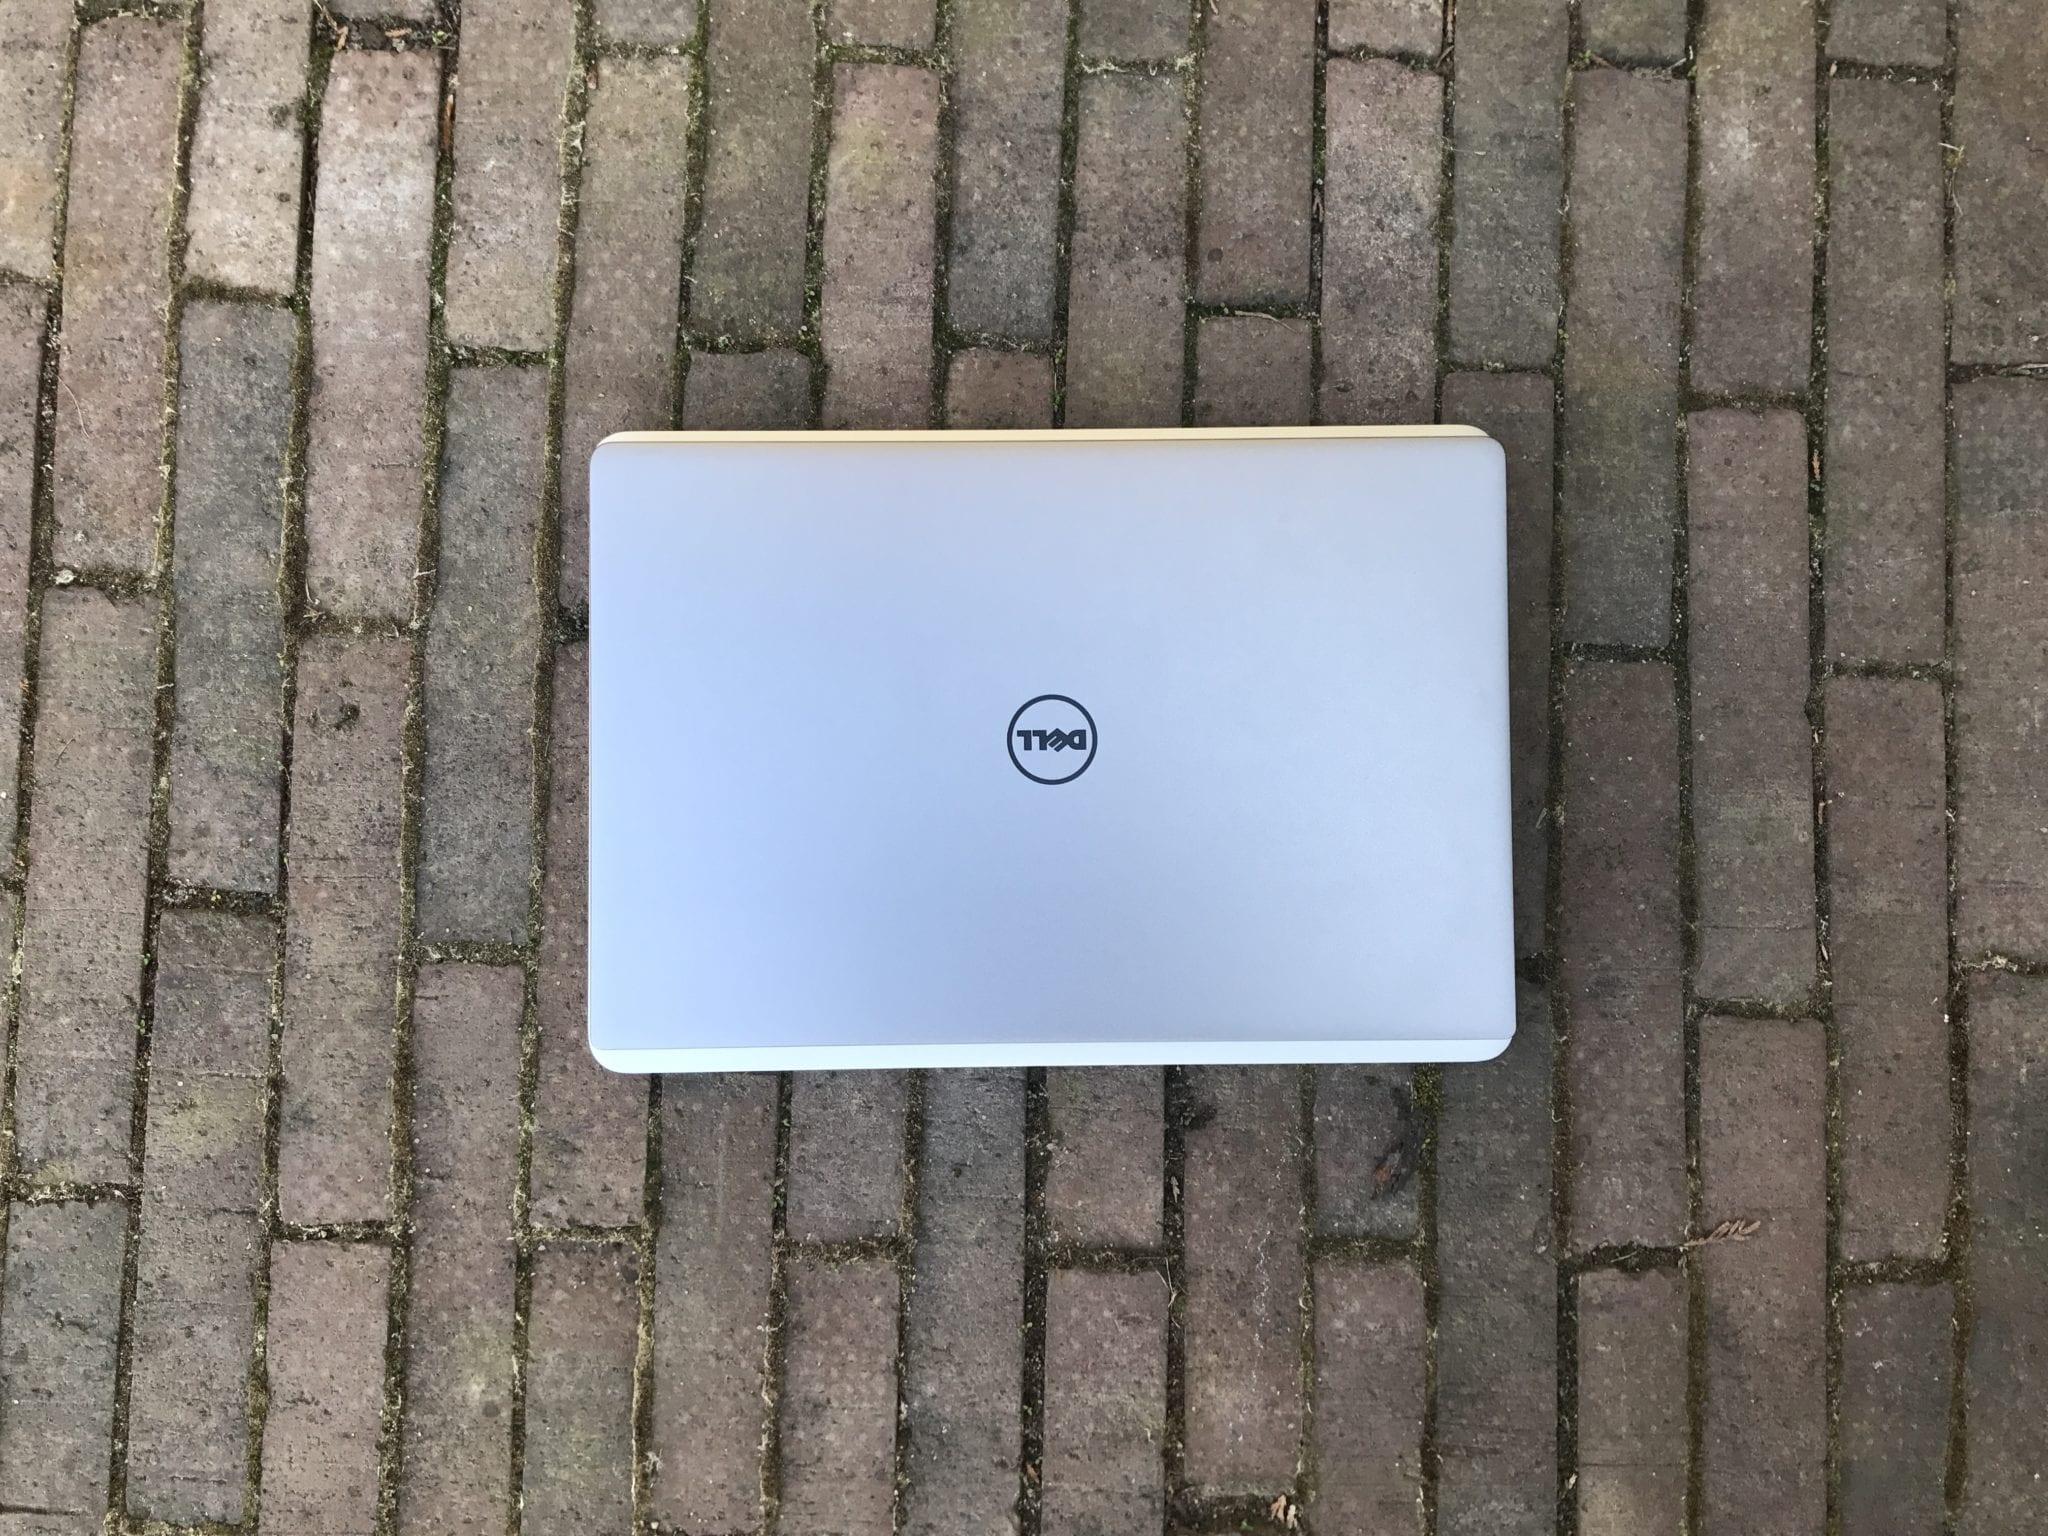 IMG 5260 - Recenze Dell XPS13 Touch: aneb když má MacBook Pro konkurenci